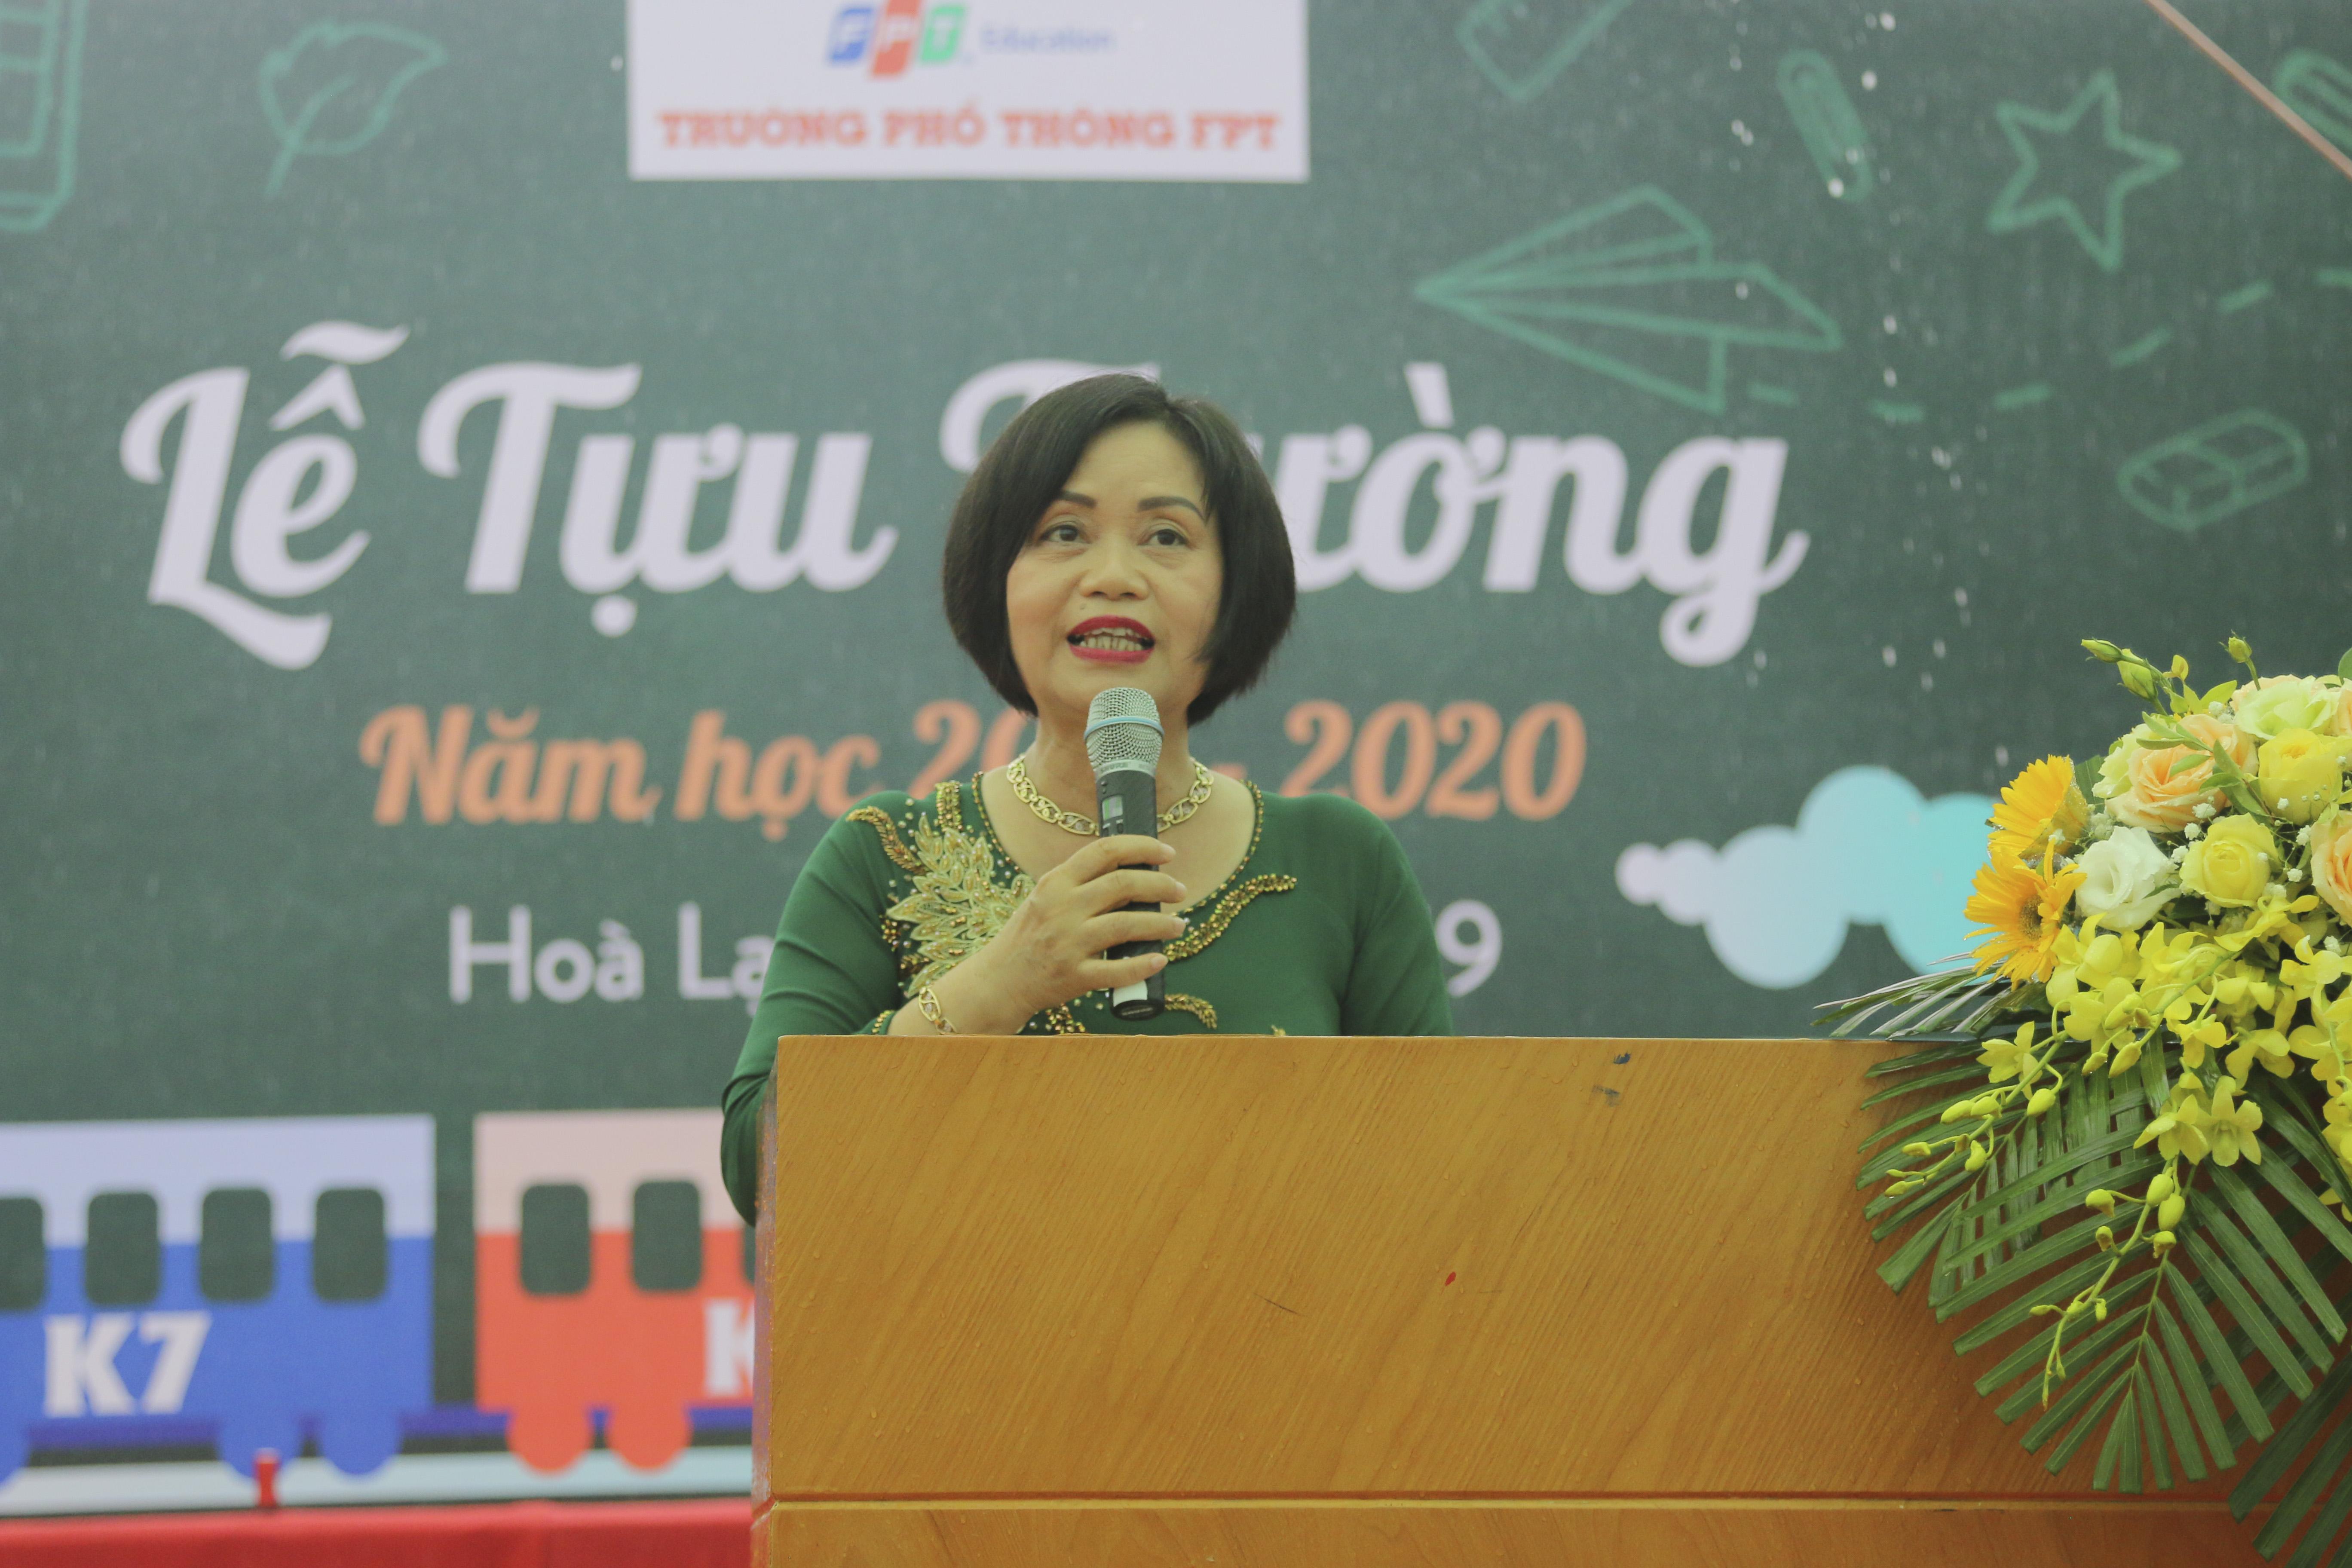 """Kết thúc phần nhập trường, lễ khai giảng diễn ra với phần mở đầu là bài diễn văn của Hiệu trưởng Nguyễn Thị Tân. Trong bài phát biểu, cô Tân nhắc đến cuộc cách mạng công nghệ 4.0 đang diễn ra với tốc độ thần tốc. Nó đã, đang và sẽ tạo ra đổi thay vô cùng lớn lao trong mọi lĩnh vực của đời sống xã hội mà ở đó, giáo dục phải đương đầu và đi tiên phong trong cuộc cách mạng này. """"THPT FPT xác định phải luôn đổi mới, sáng tạo. Người thầy trở thành người huấn luyện, cống hiến. Người học phải học tập, trải nghiệm và xây dựng nền tảng học thường xuyên, học suốt đời dựa trên 4 trục của triết lý giáo dục: Học để biết, học để làm, học cách sống với người khác và học để khẳng định mình. Đây vừa là nhiệm vụ, vừa là mục tiêu trọng tâm trong hoạt động dạy và học của nhà trường nhằm đáp ứng công cuộc đổi mới căn bản và toàn diện nền giáo dục Việt Nam hiện nay"""", người đứng đầu THPT FPT nhấn mạnh."""